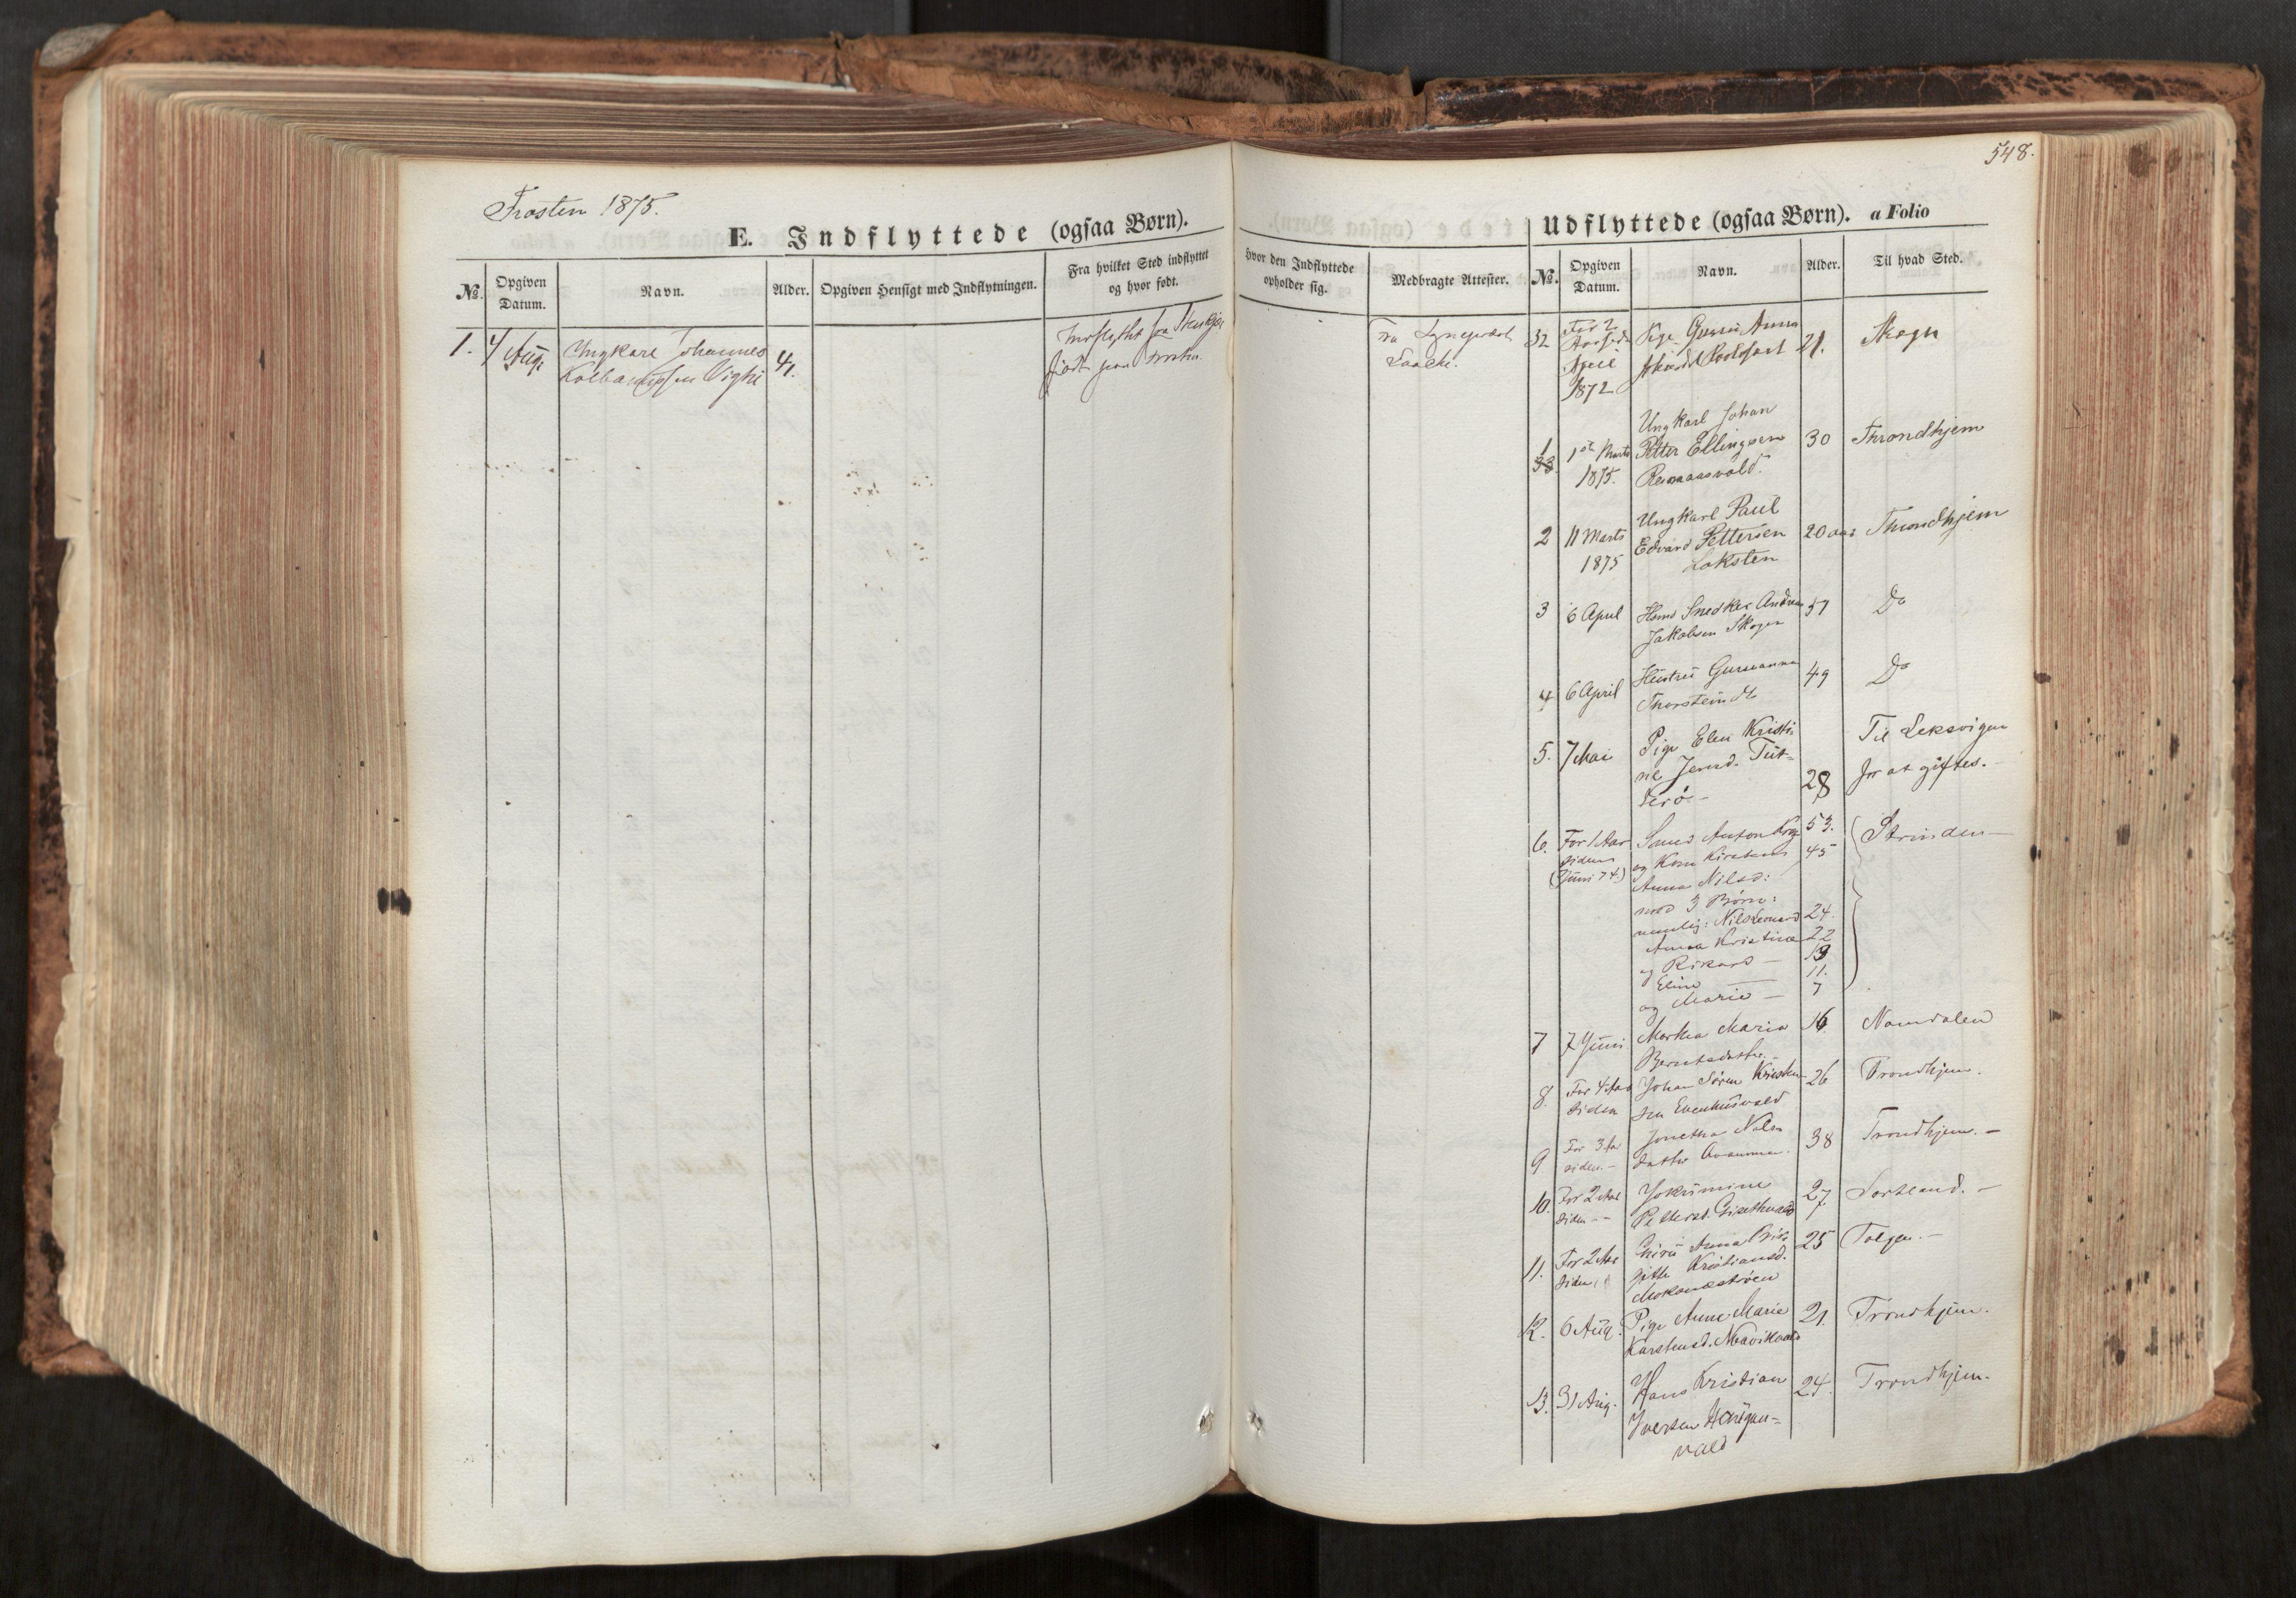 SAT, Ministerialprotokoller, klokkerbøker og fødselsregistre - Nord-Trøndelag, 713/L0116: Ministerialbok nr. 713A07, 1850-1877, s. 548